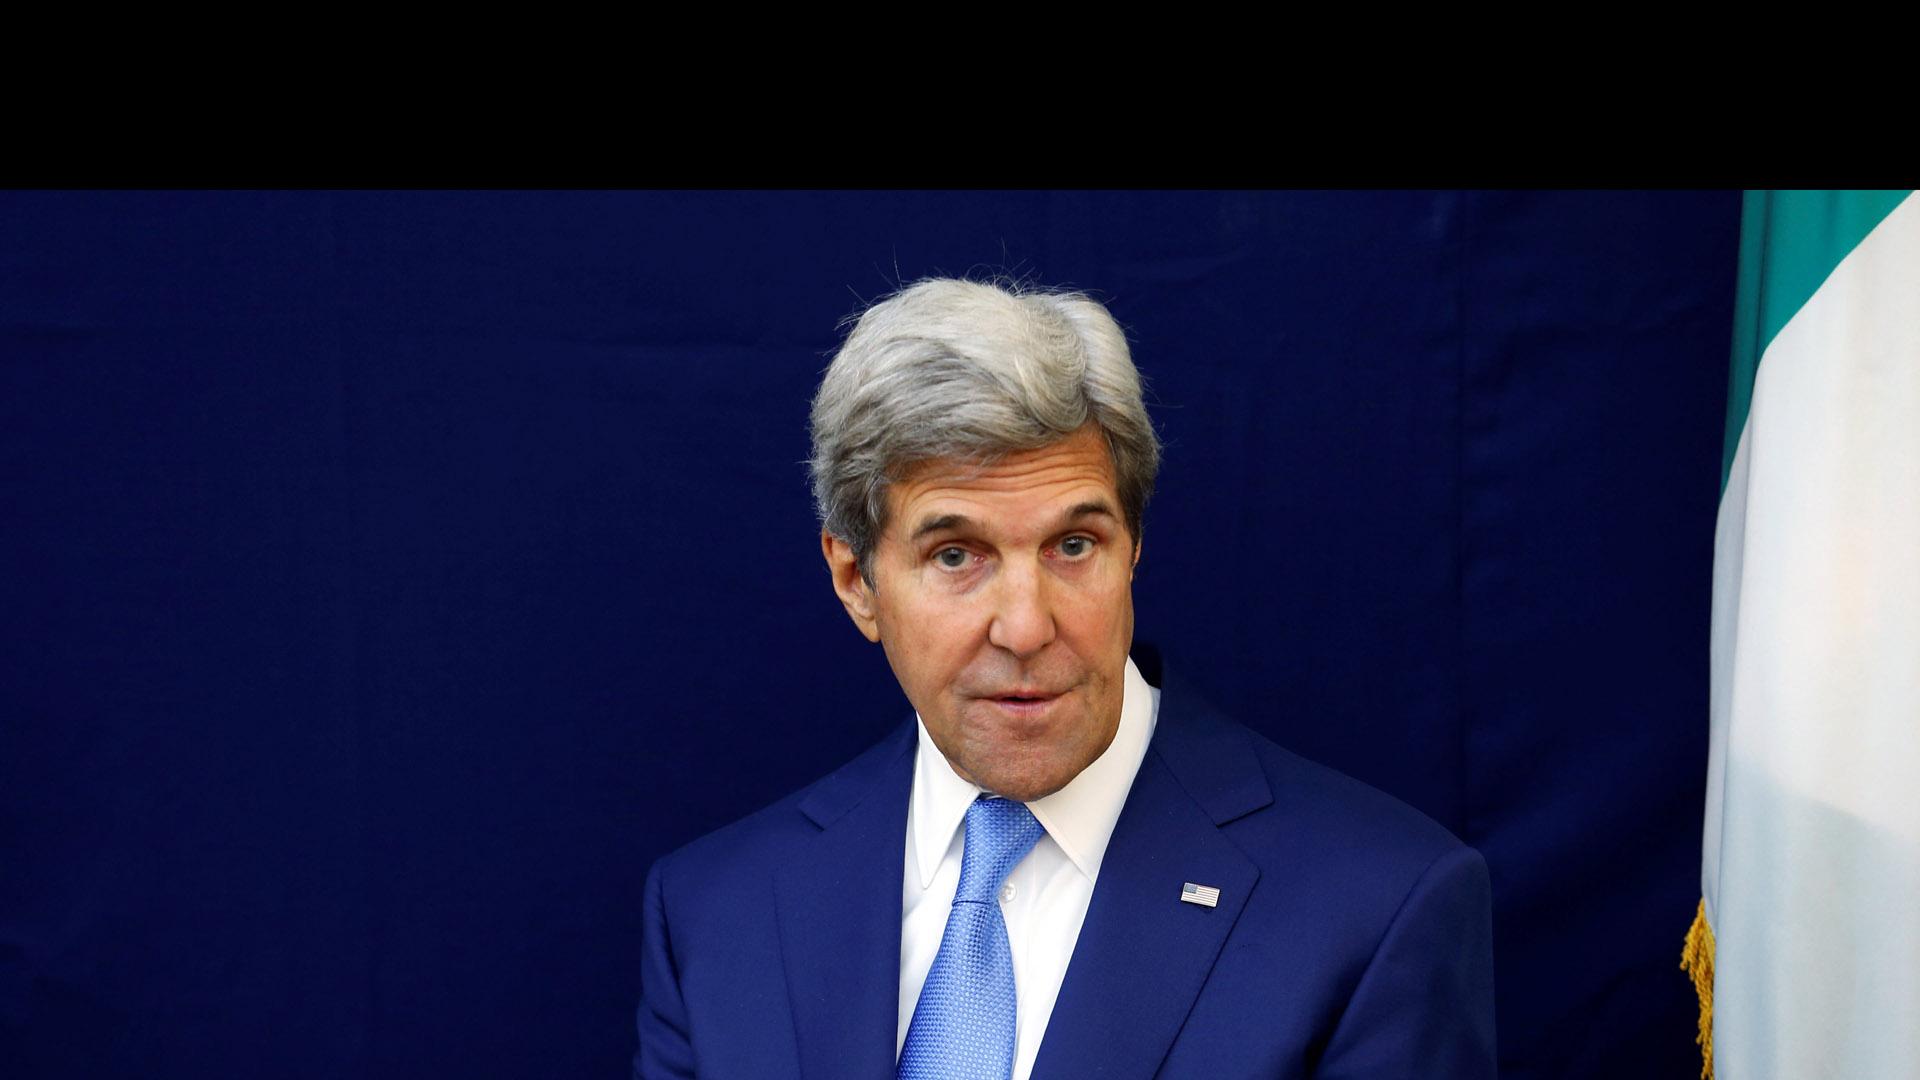 John Kerry precisó que se acordó nuevo acercamiento conversar con el gobierno yemení y los rebeldes